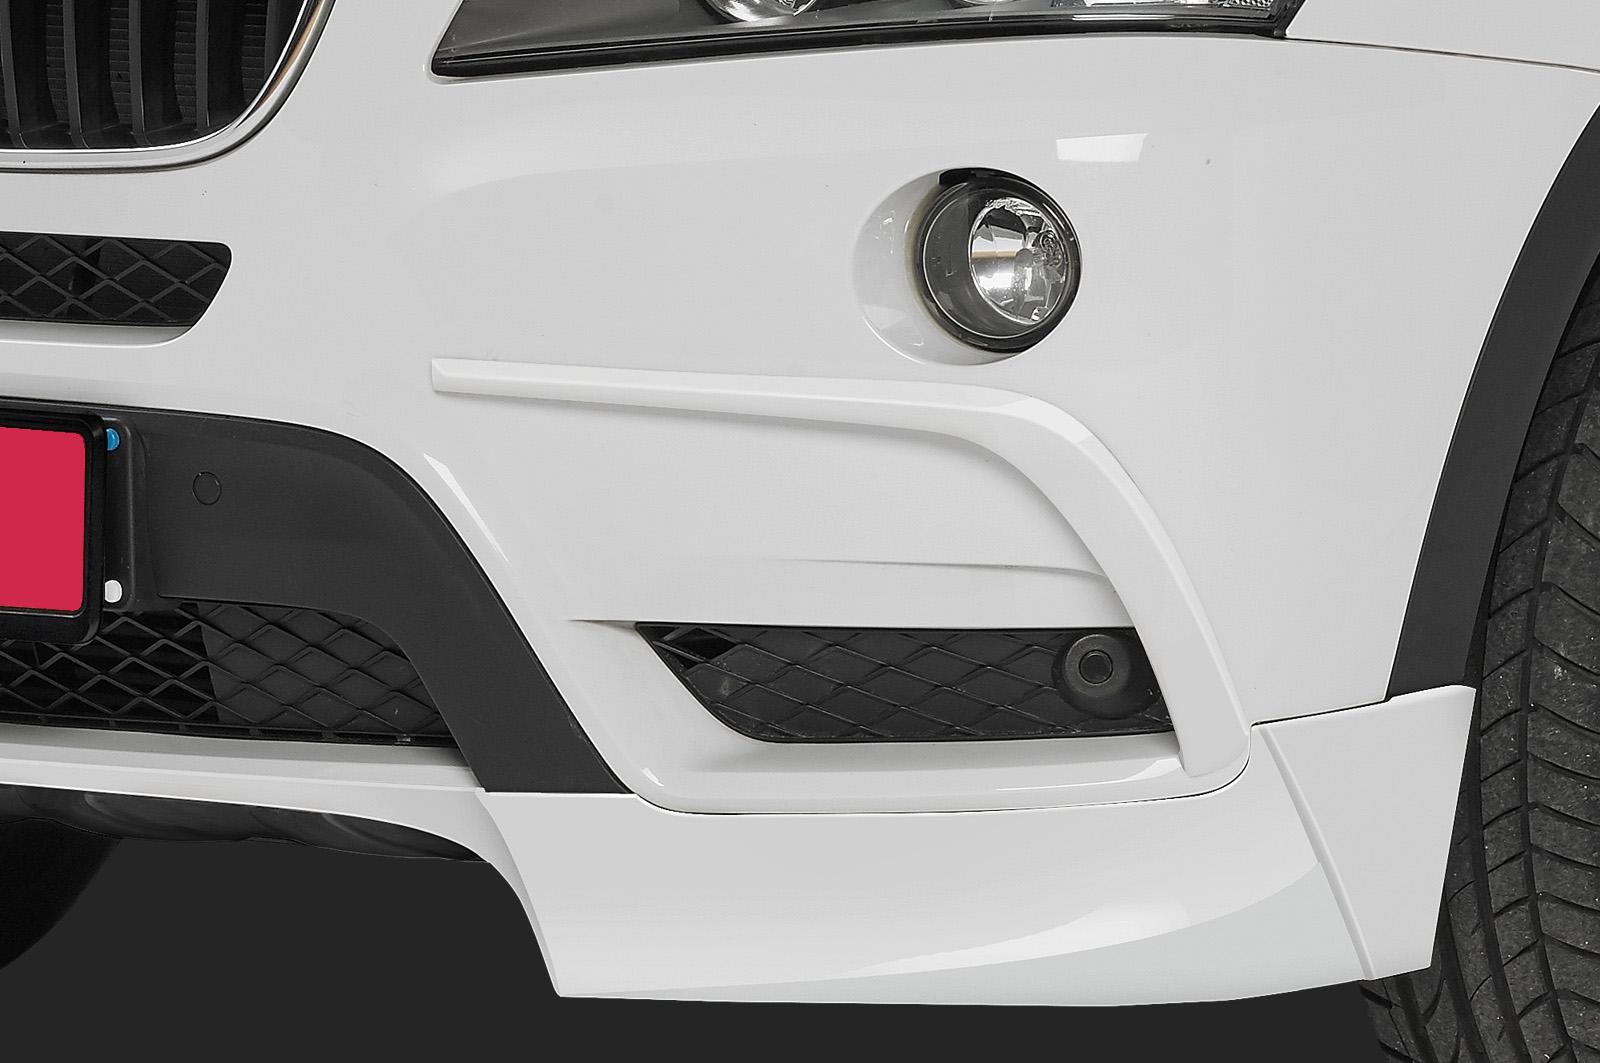 CSR Heckflügel für BMW X3 F25 HF506